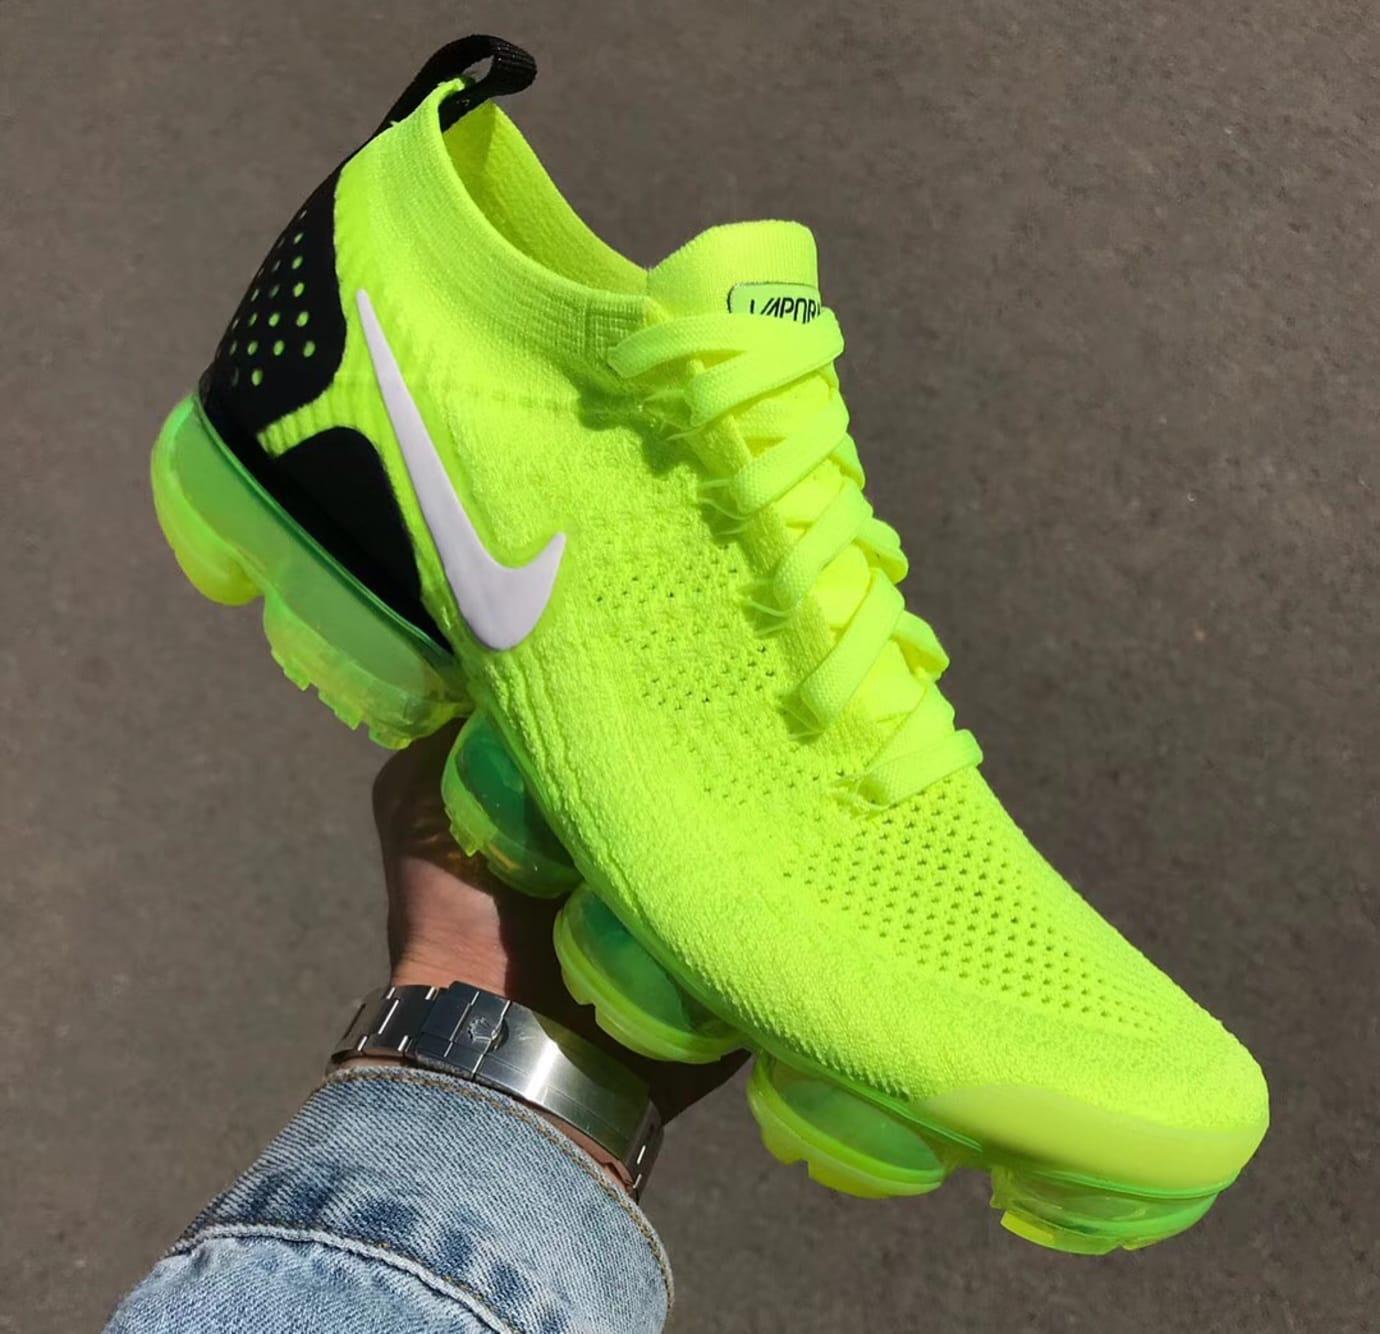 Nike Air VaporMax 2 Flyknit Volt Release Date 942842-700 (3)